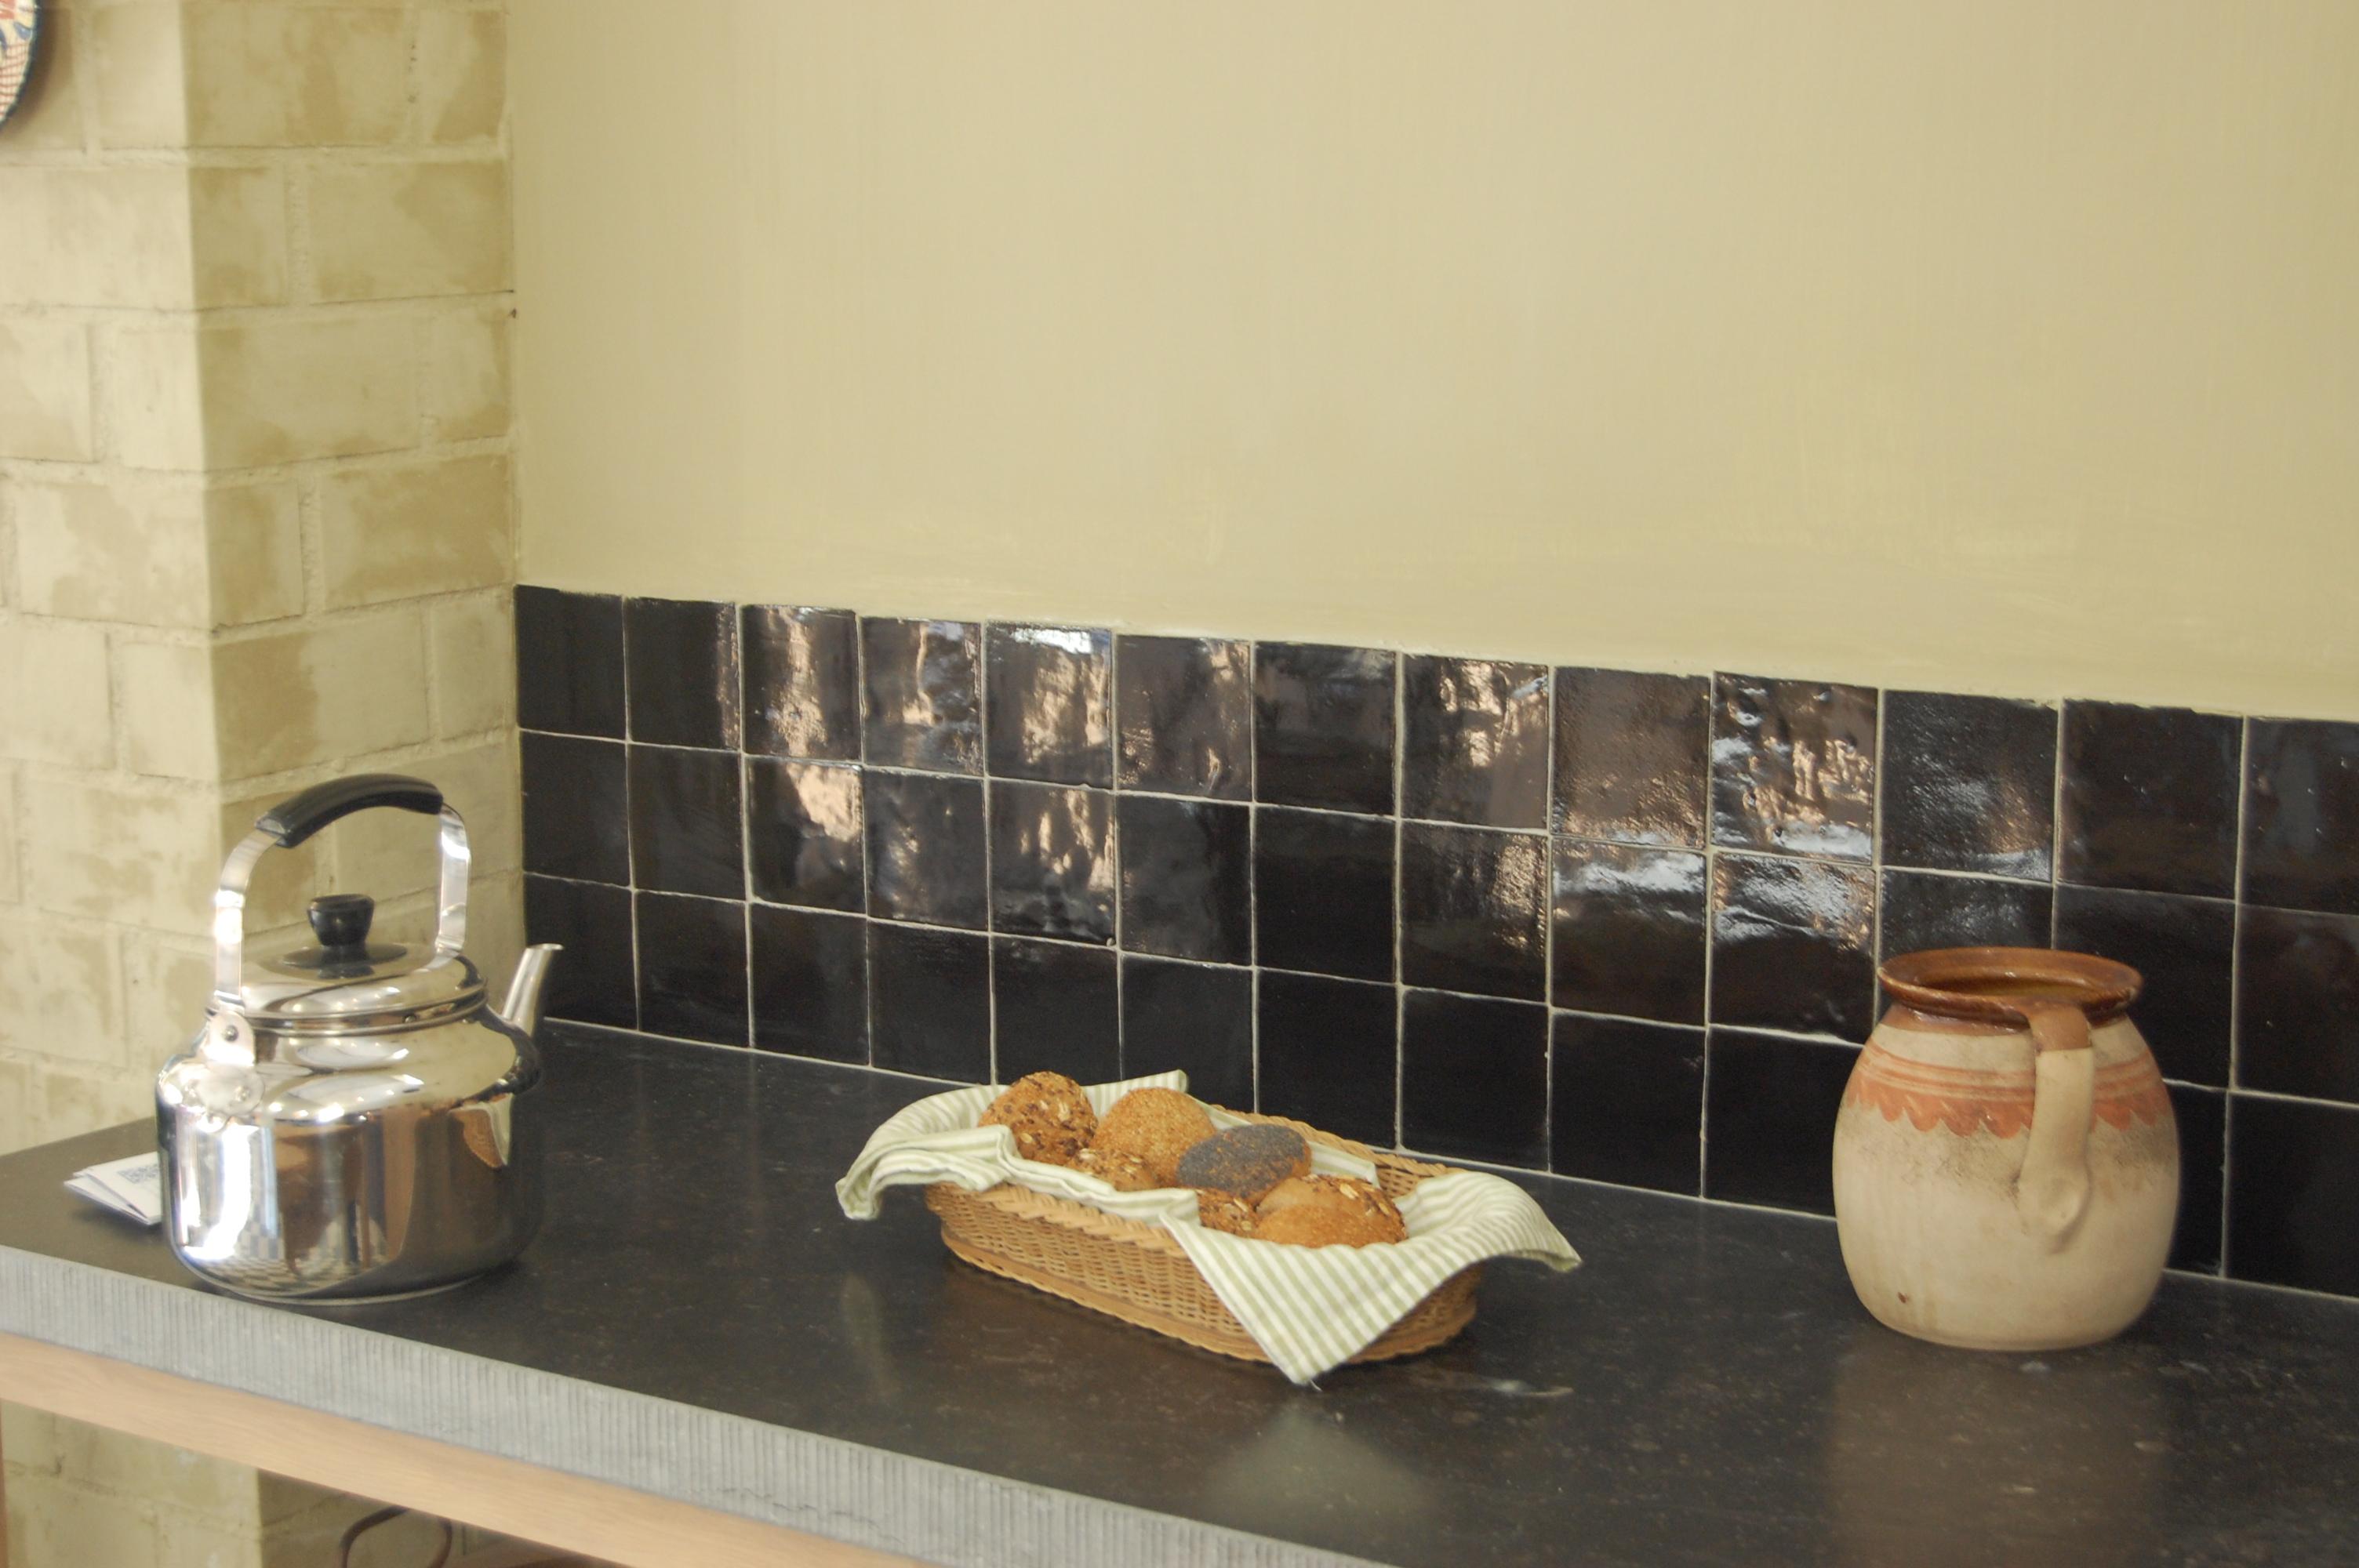 keuken wandtegels zonder voeg : Marokkaanse Tegels Geef Je Muren Een Zuiderse Toets